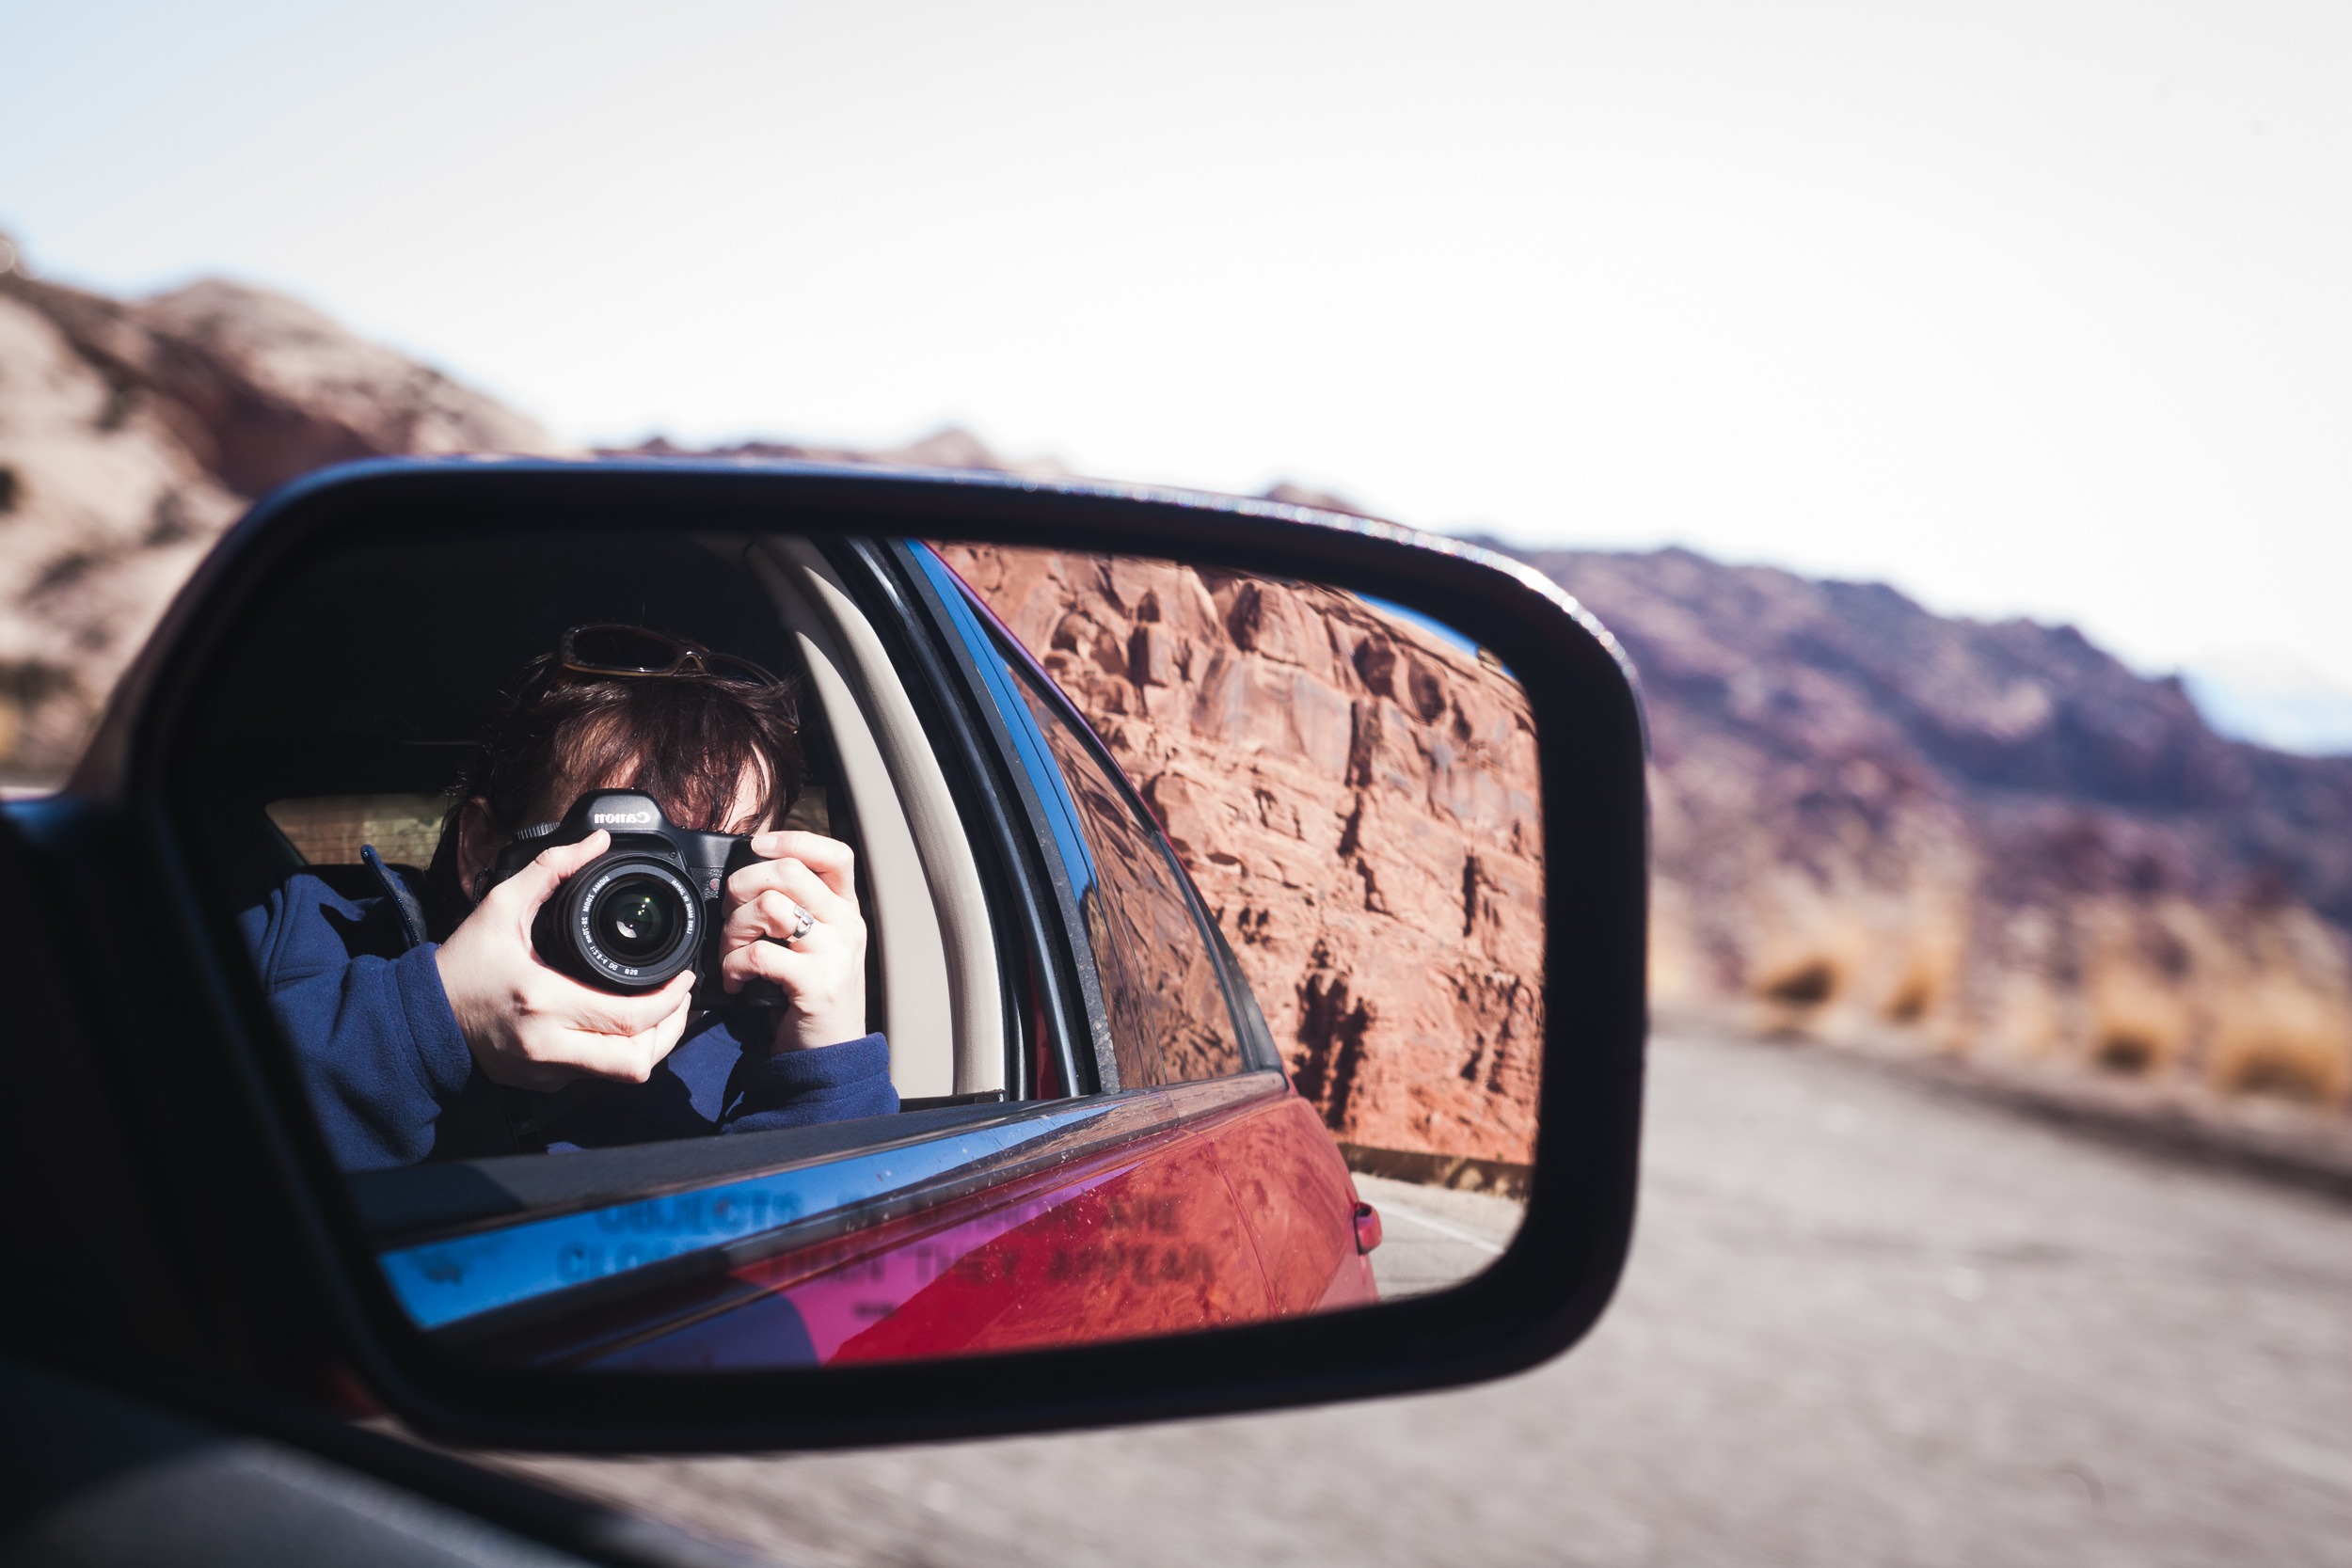 Self-portrait - Arches National Park, Utah